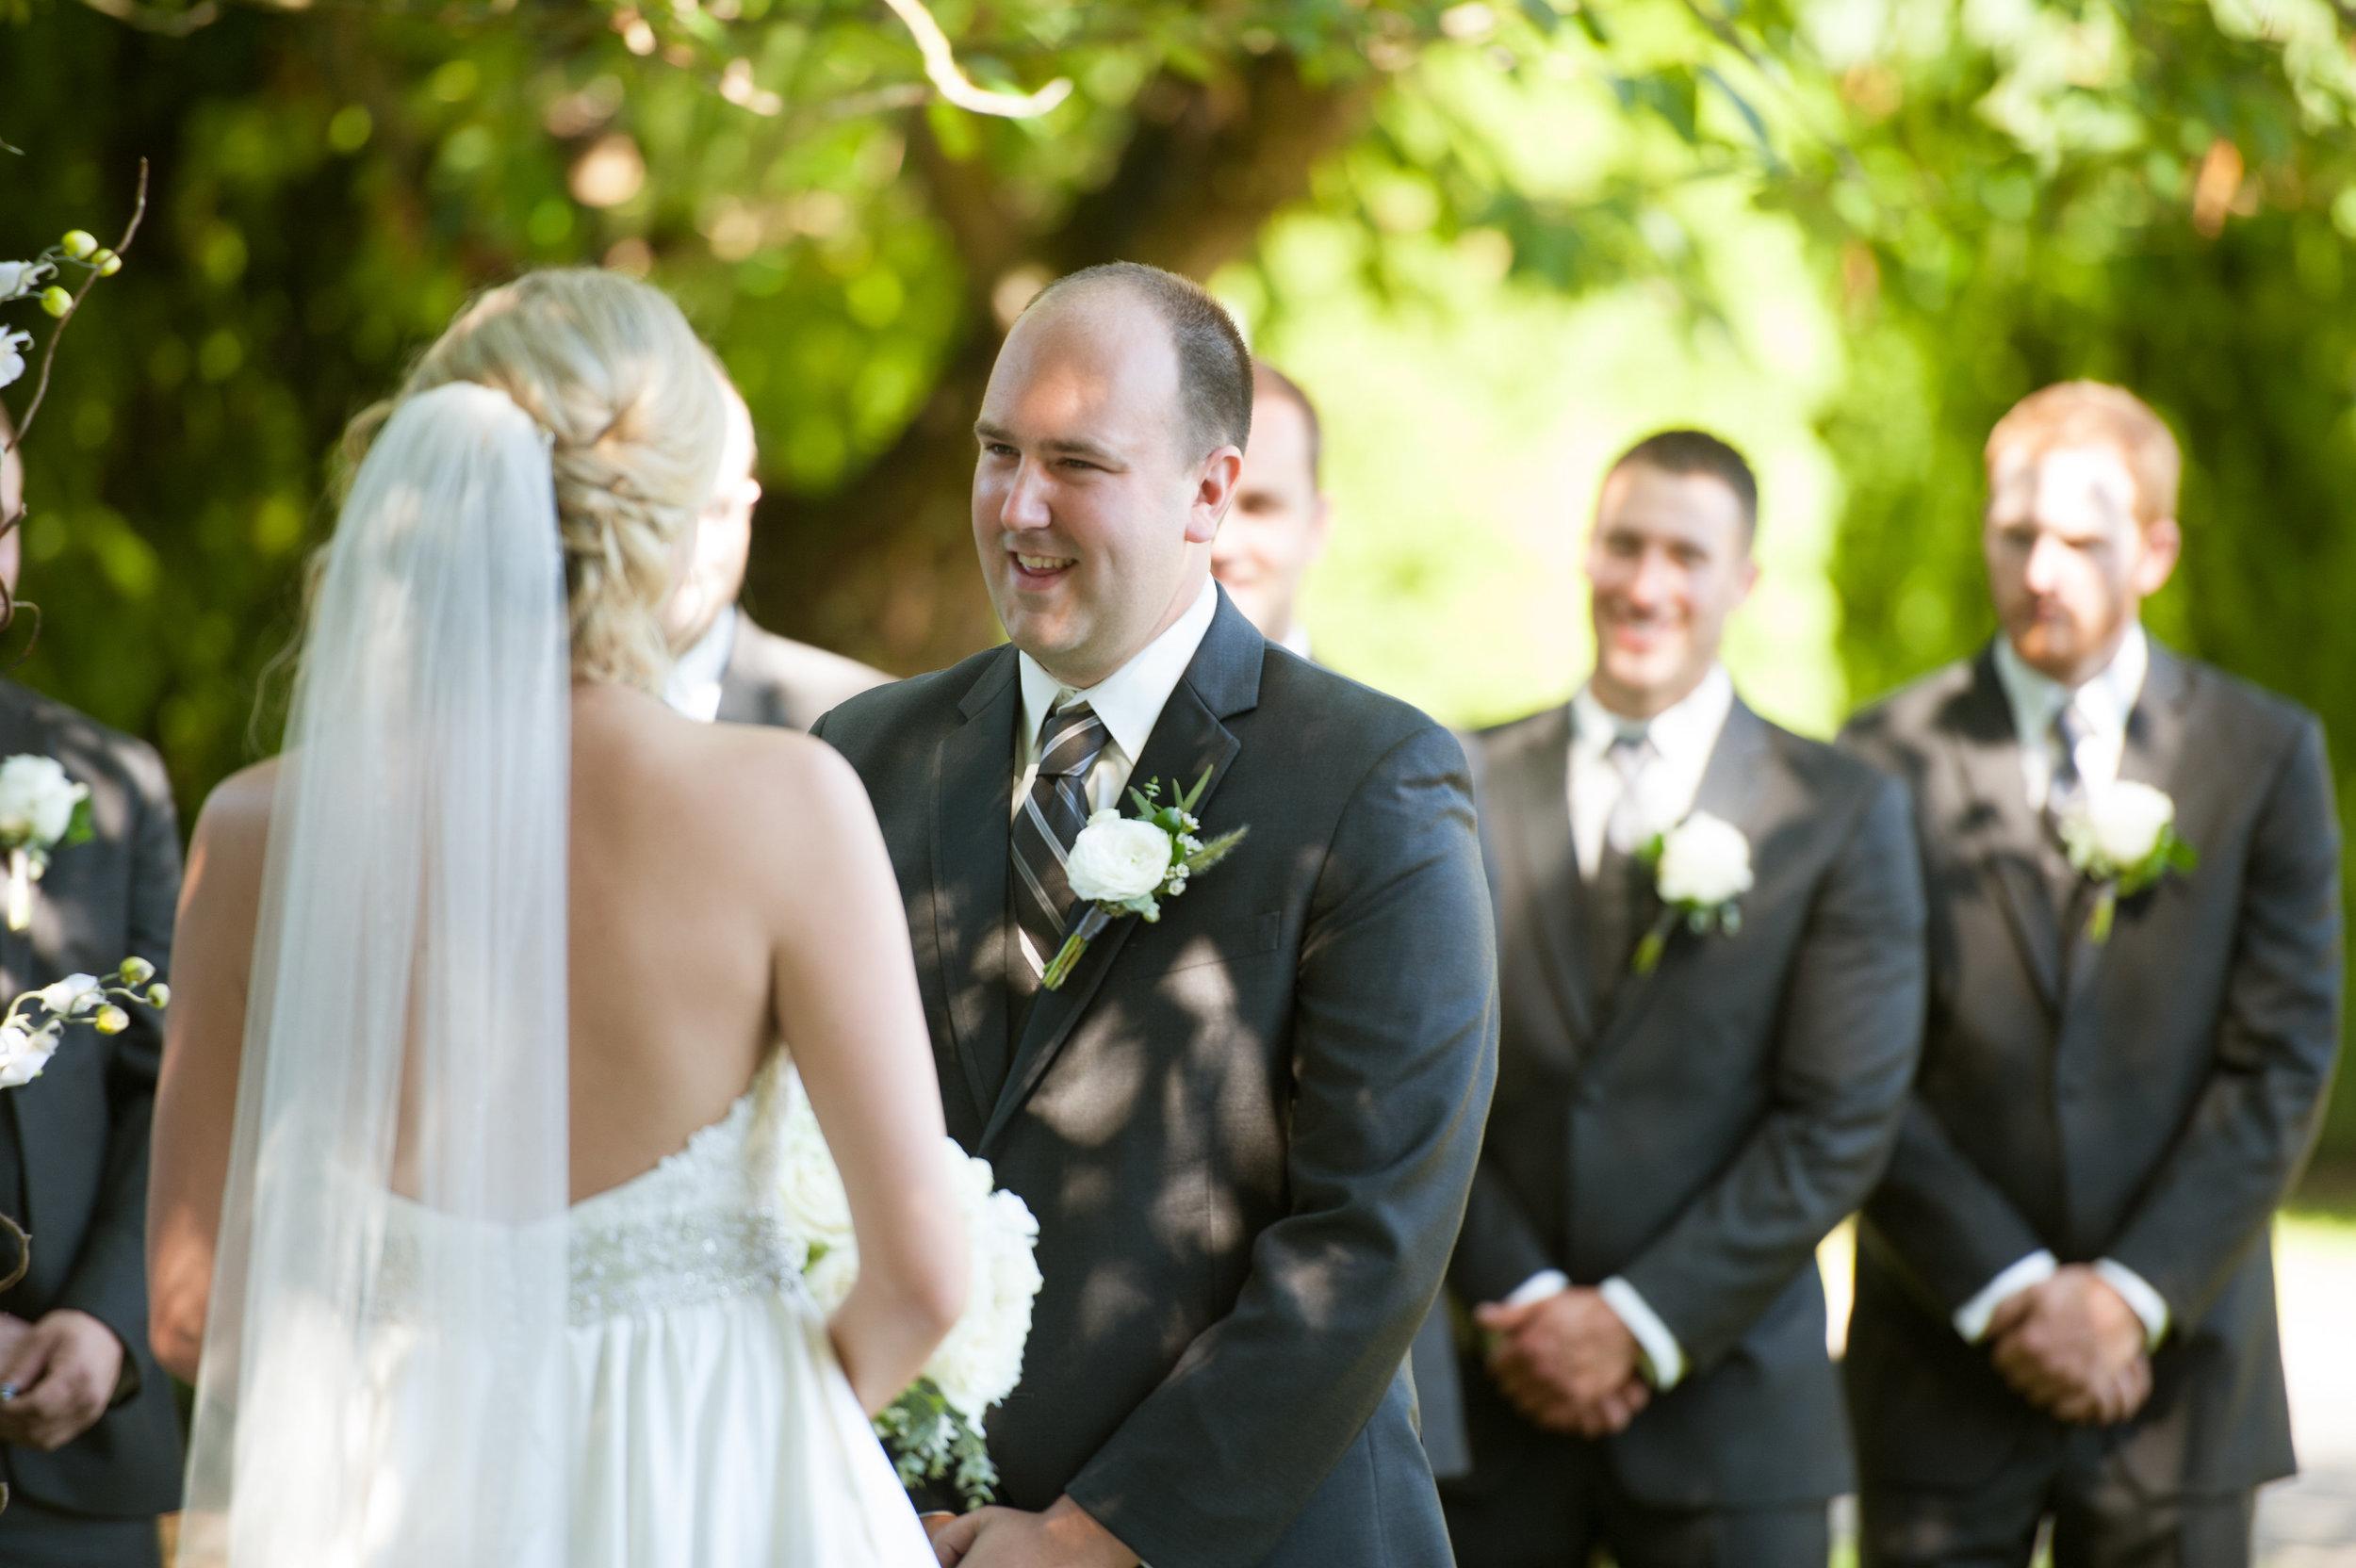 RyanMichelle-wedding-MarkBurnham-256.jpg